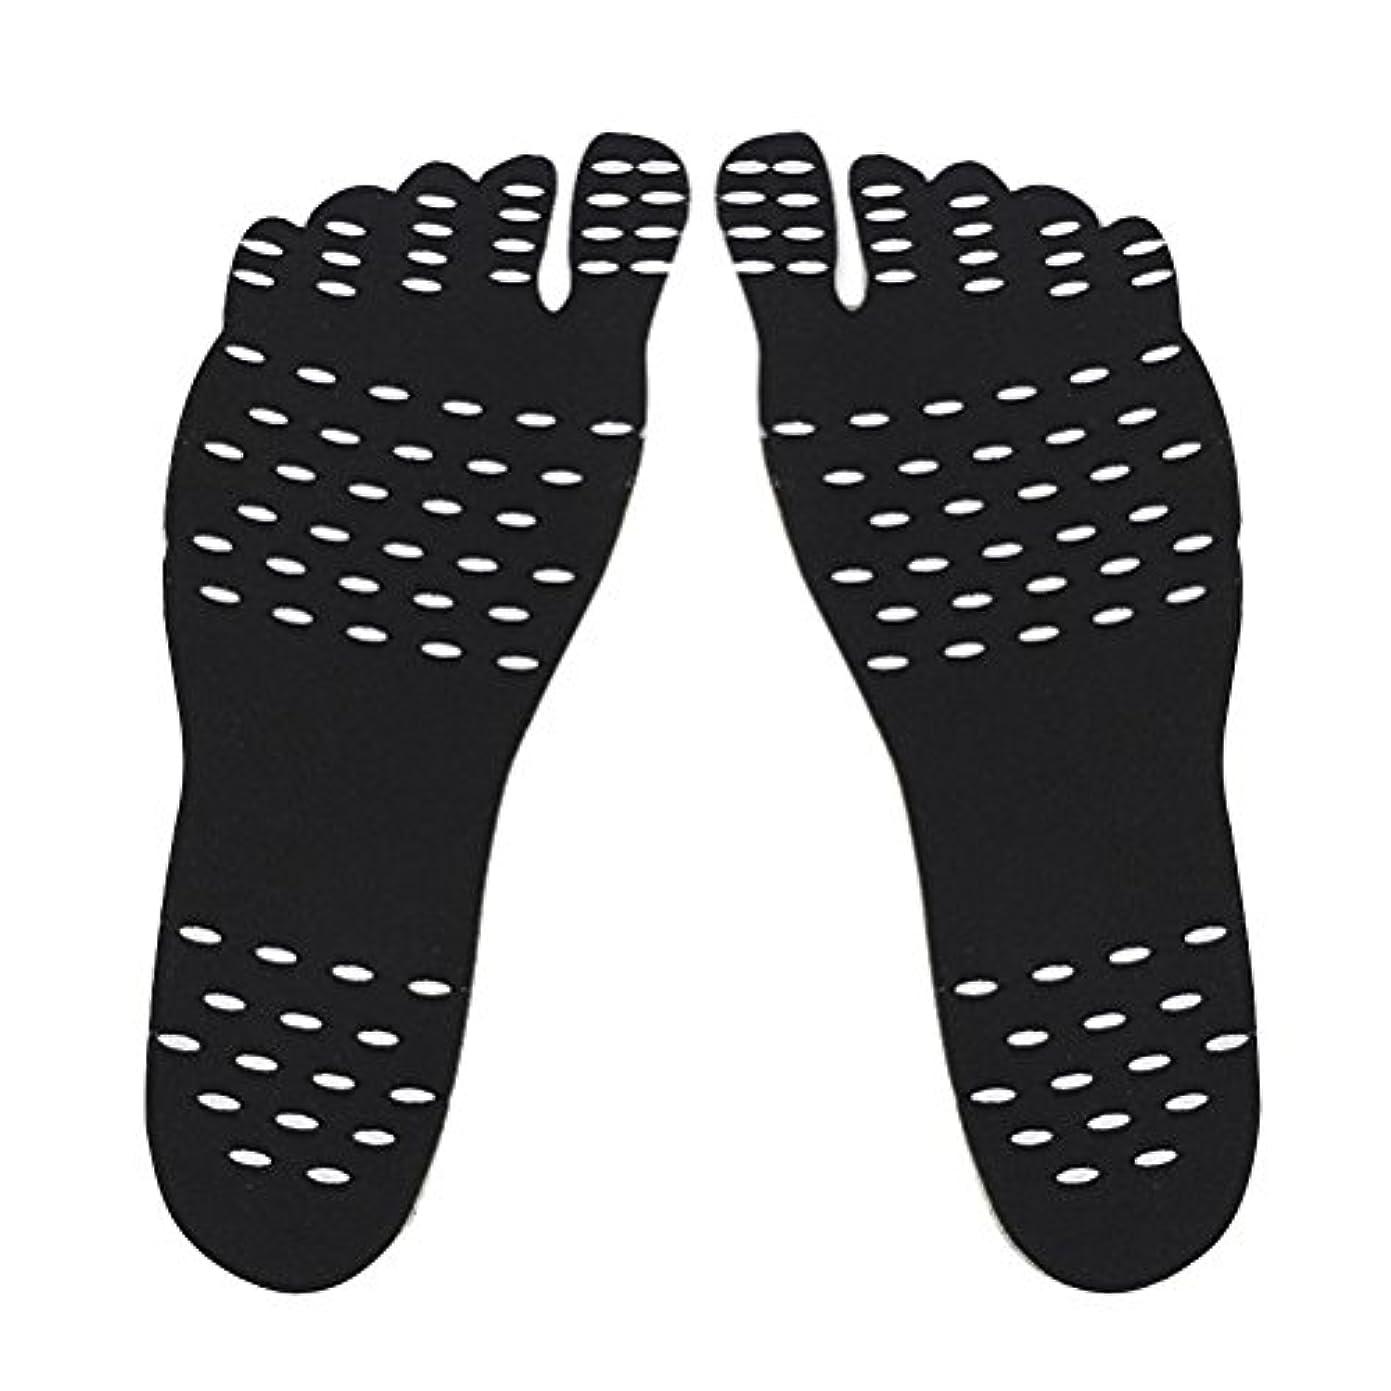 完全に乾くロマンチック横に裸足足底目に見えない靴用HEALILYビーチフットパッド防水インソールSサイズ(ブラック)